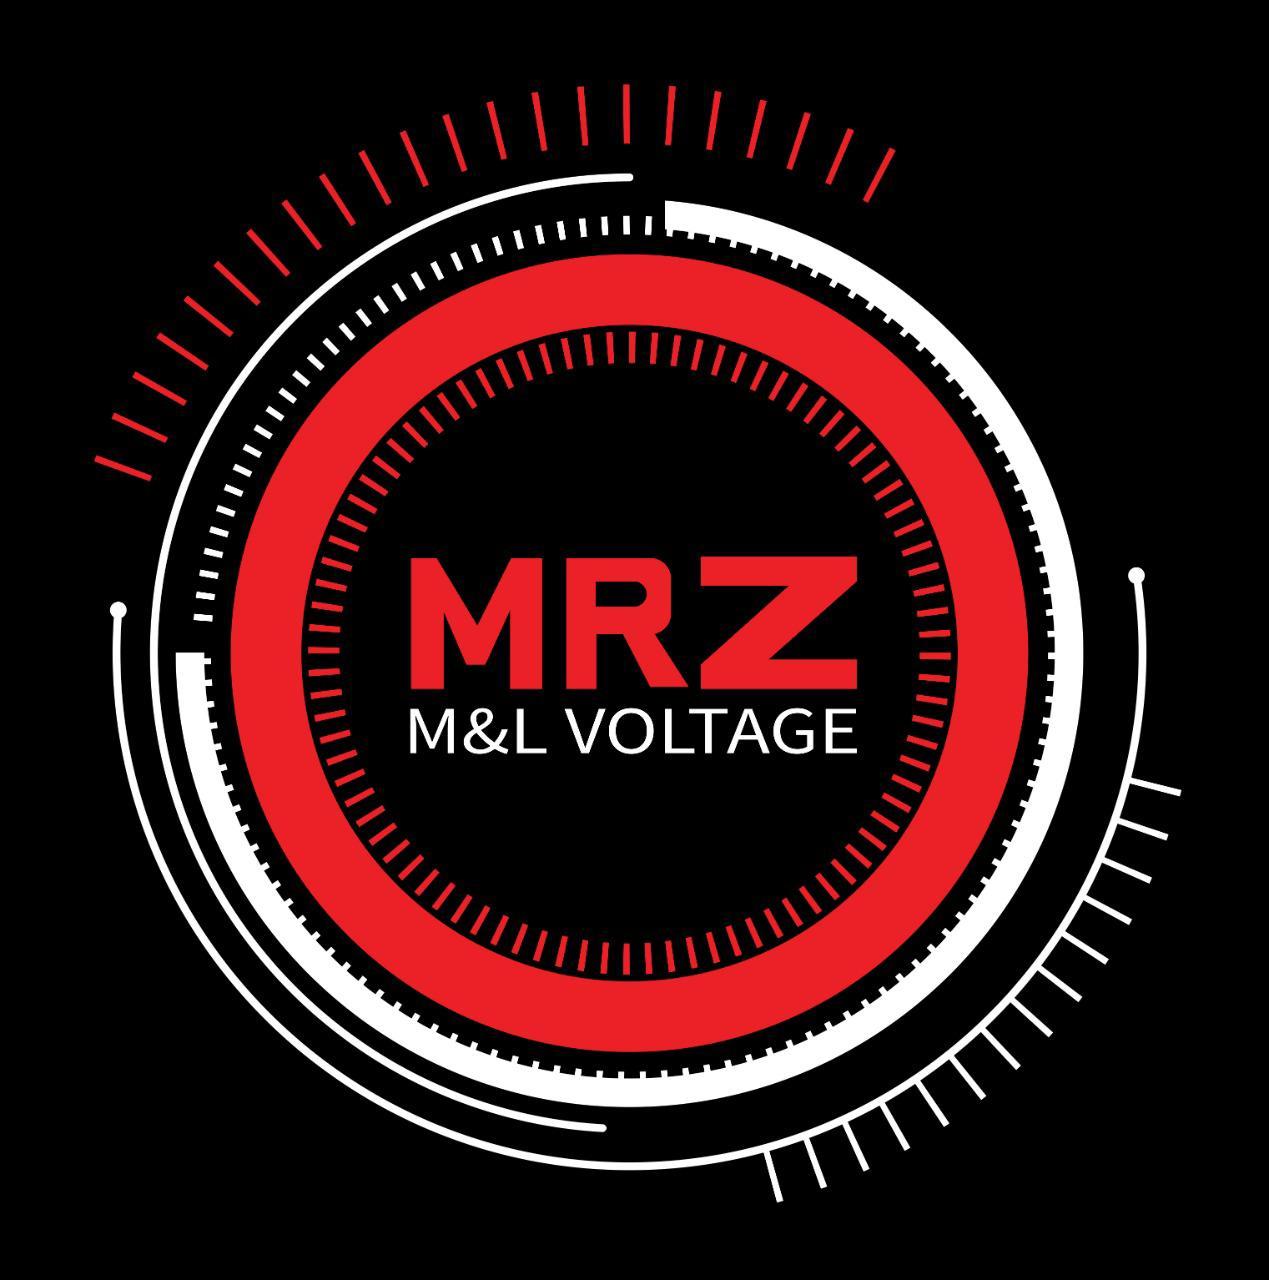 باستثمارات 100 مليون جنيه .. «الهندسية للأعمال الكهروميكانيكية MRZ» تنشئ مصنع جديد